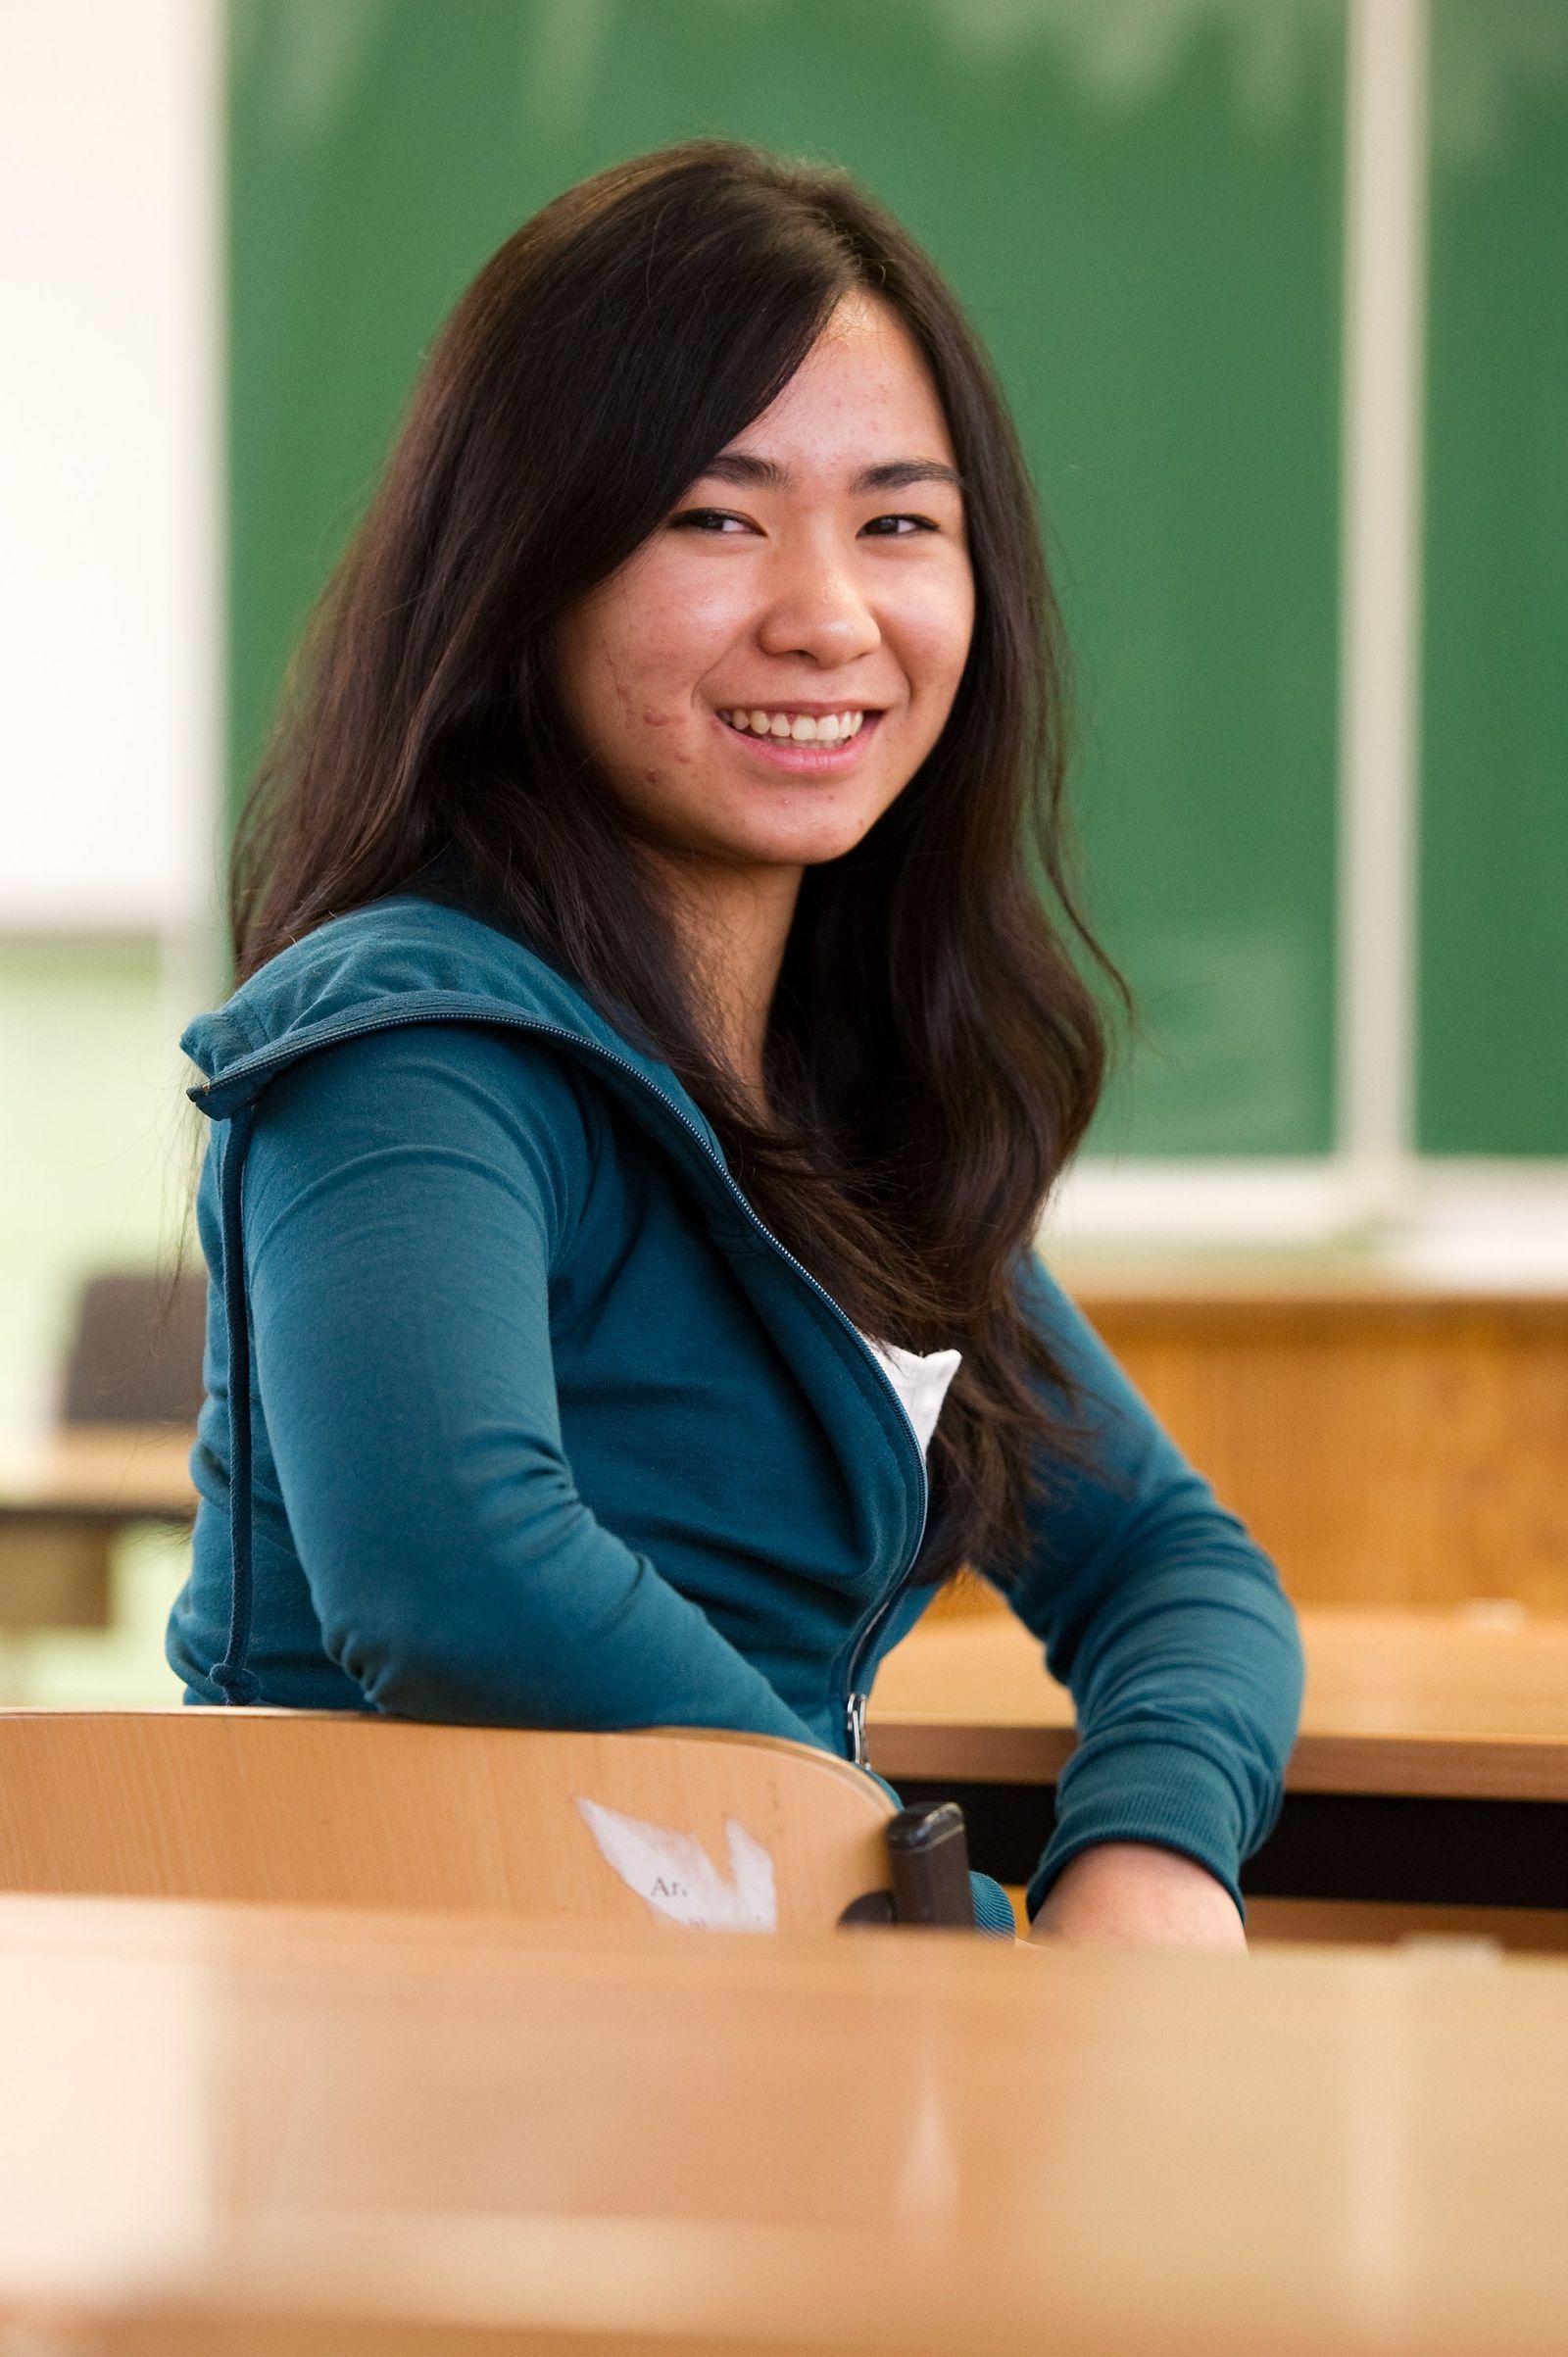 DPA-TMN Vietnamesische Schülerin Vu Bildung Pisa